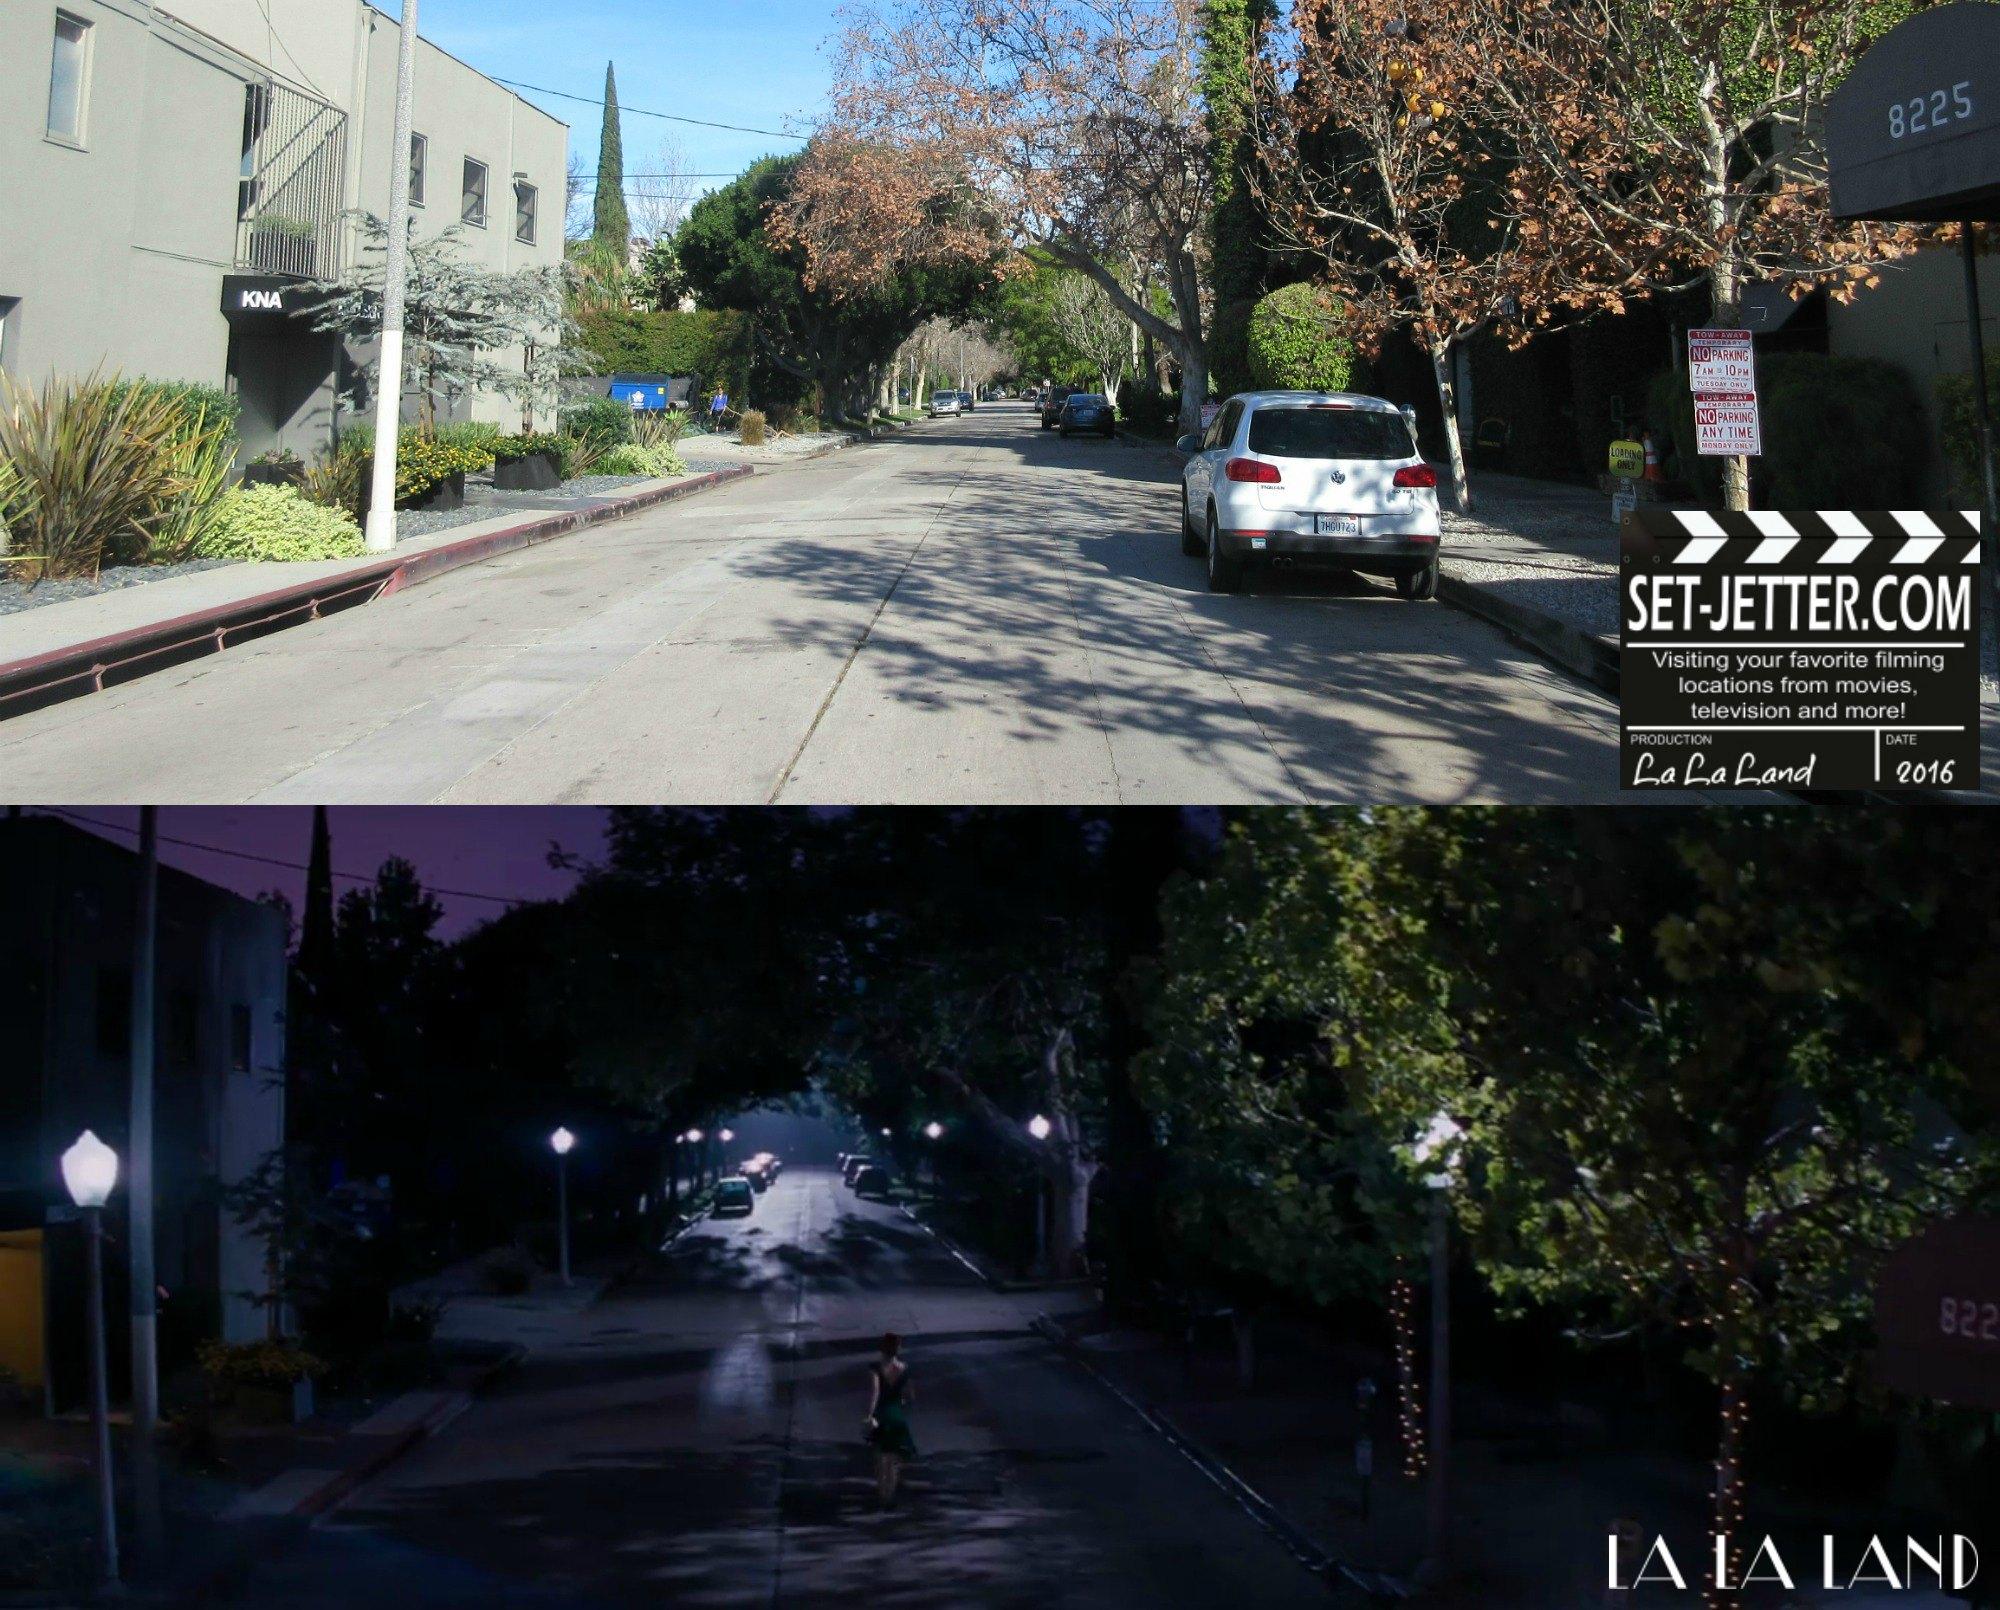 La La Land comparison 85.jpg